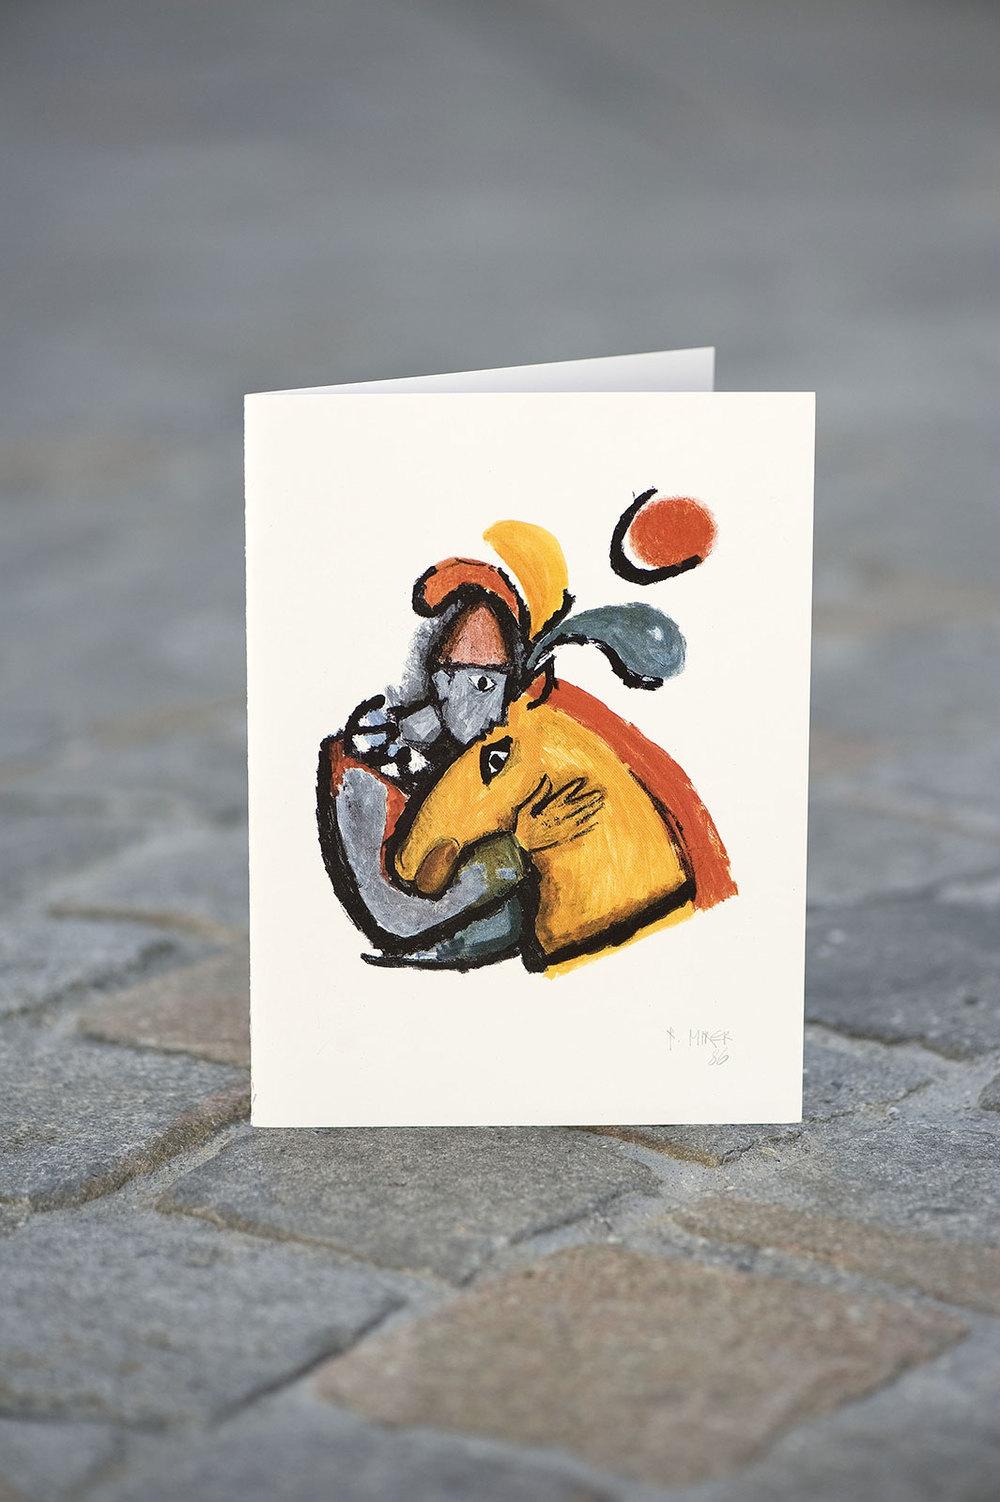 Mensch und Pferd, Nr. 143